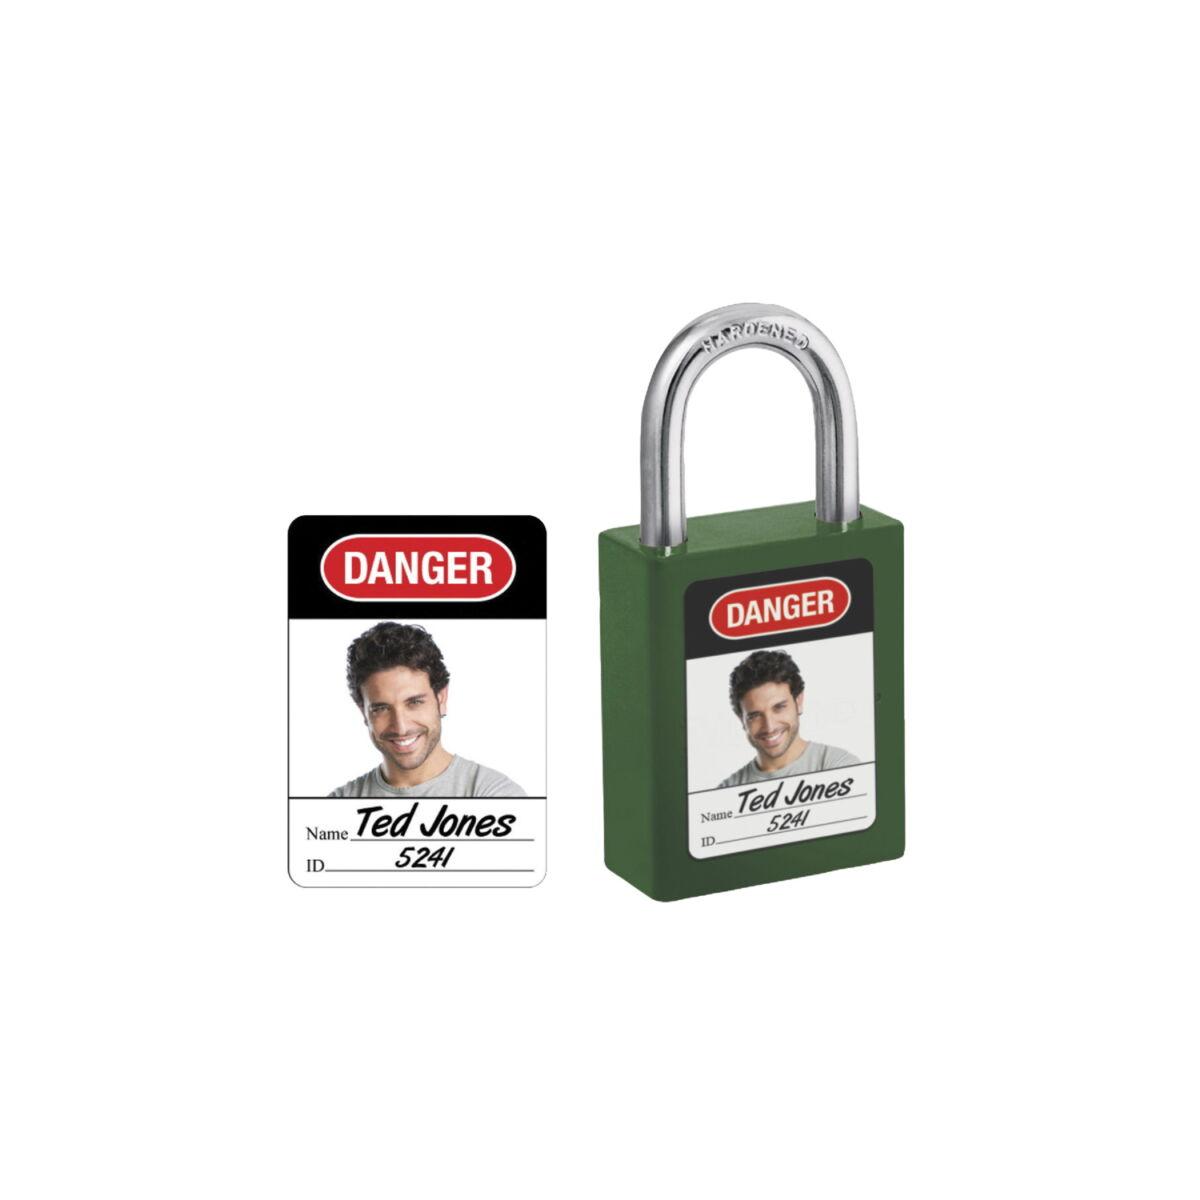 AMERICAN LOCK cadenas de consignation 6835-5700 étiquettes de cadenas